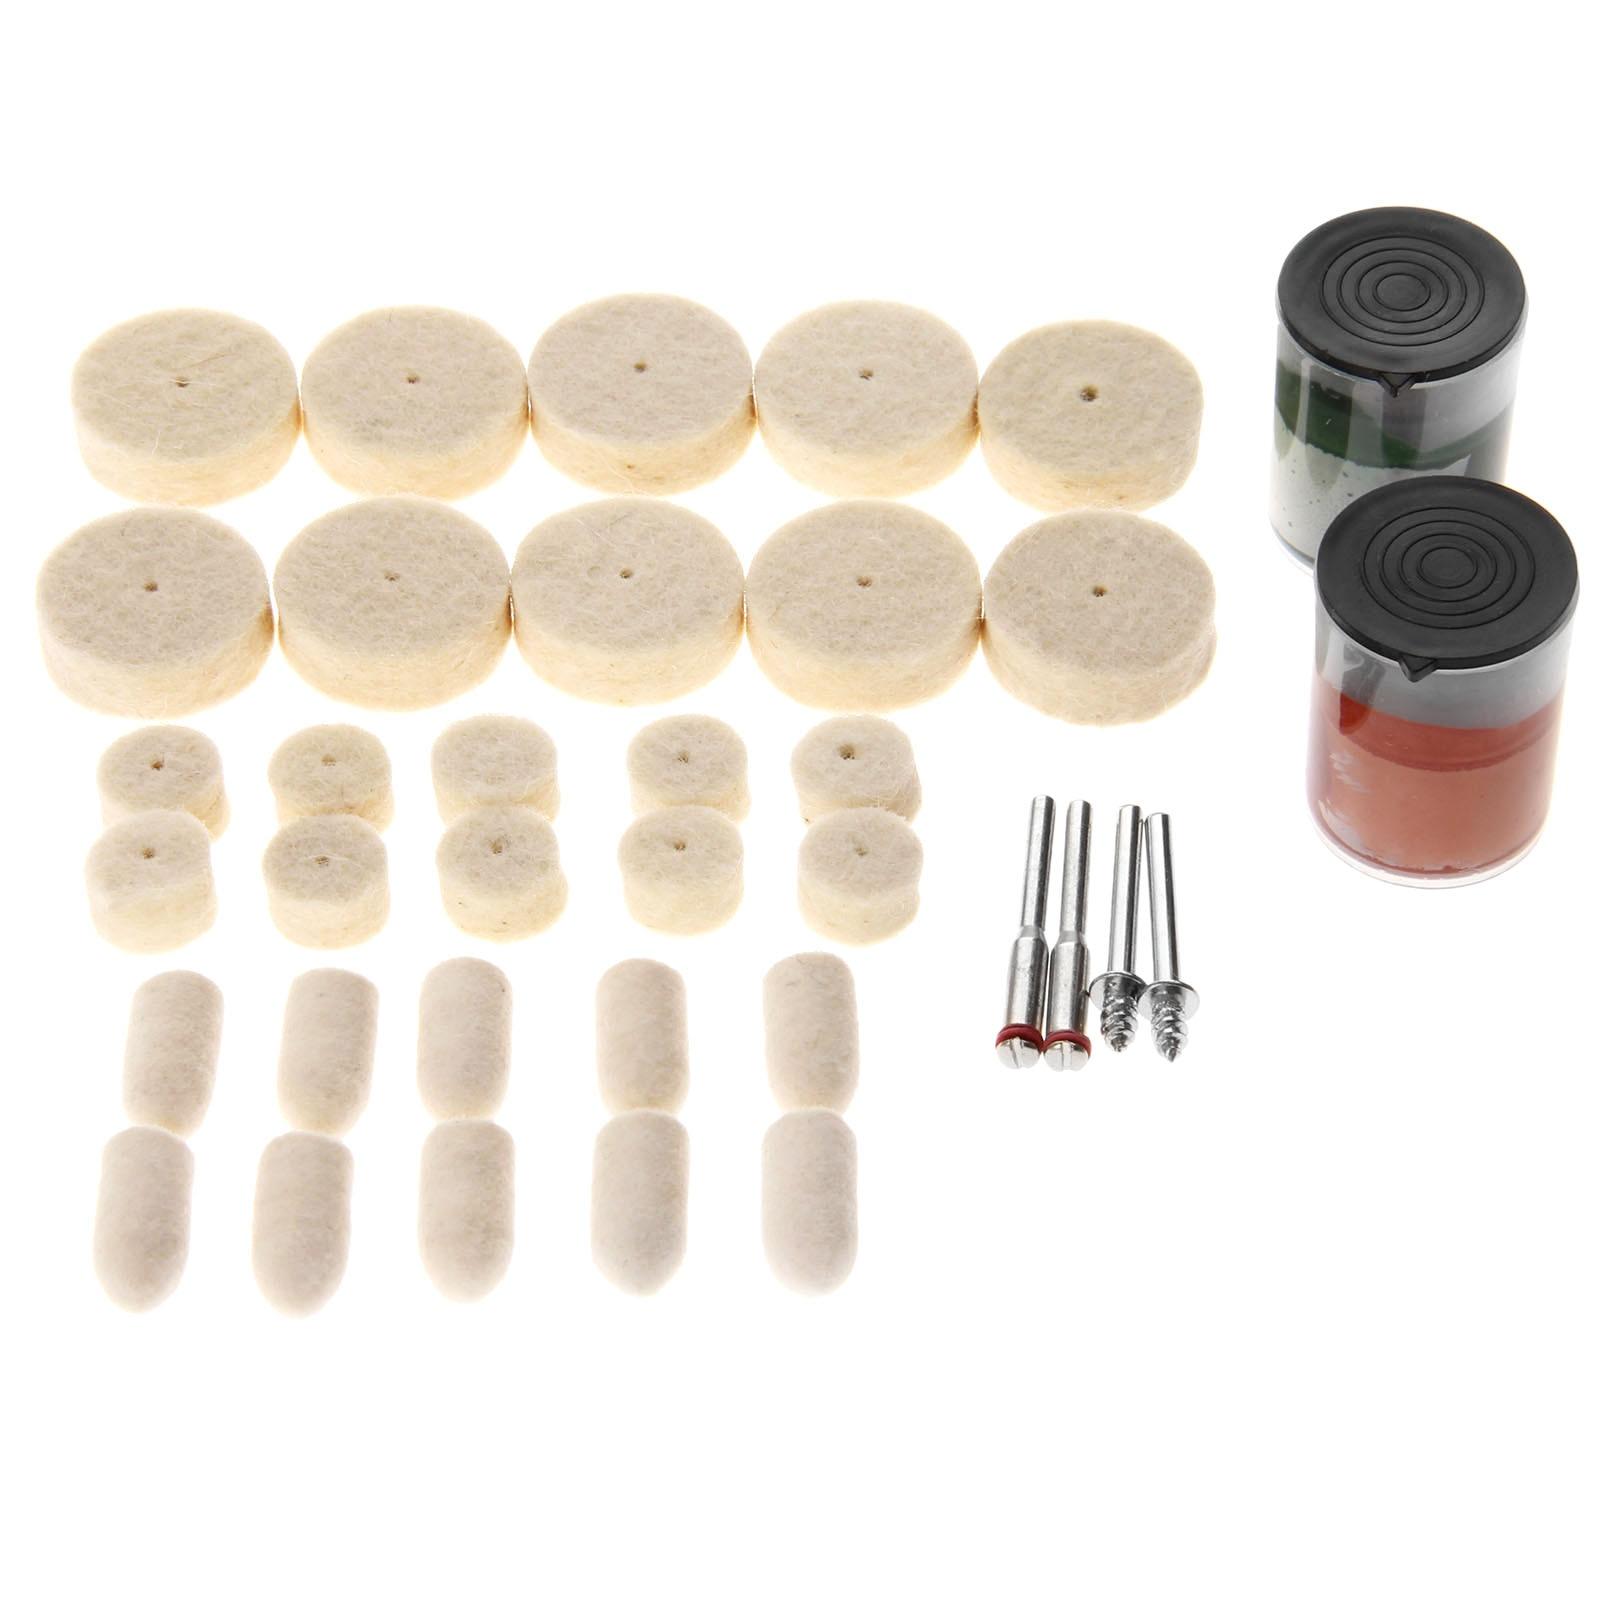 4 Stücke Shanks Für Dremel Dreh Werkzeug Dremel Dateien 50 Stücke Wolle Filz Polieren Polieren Rad Schleifen Polieren Pad